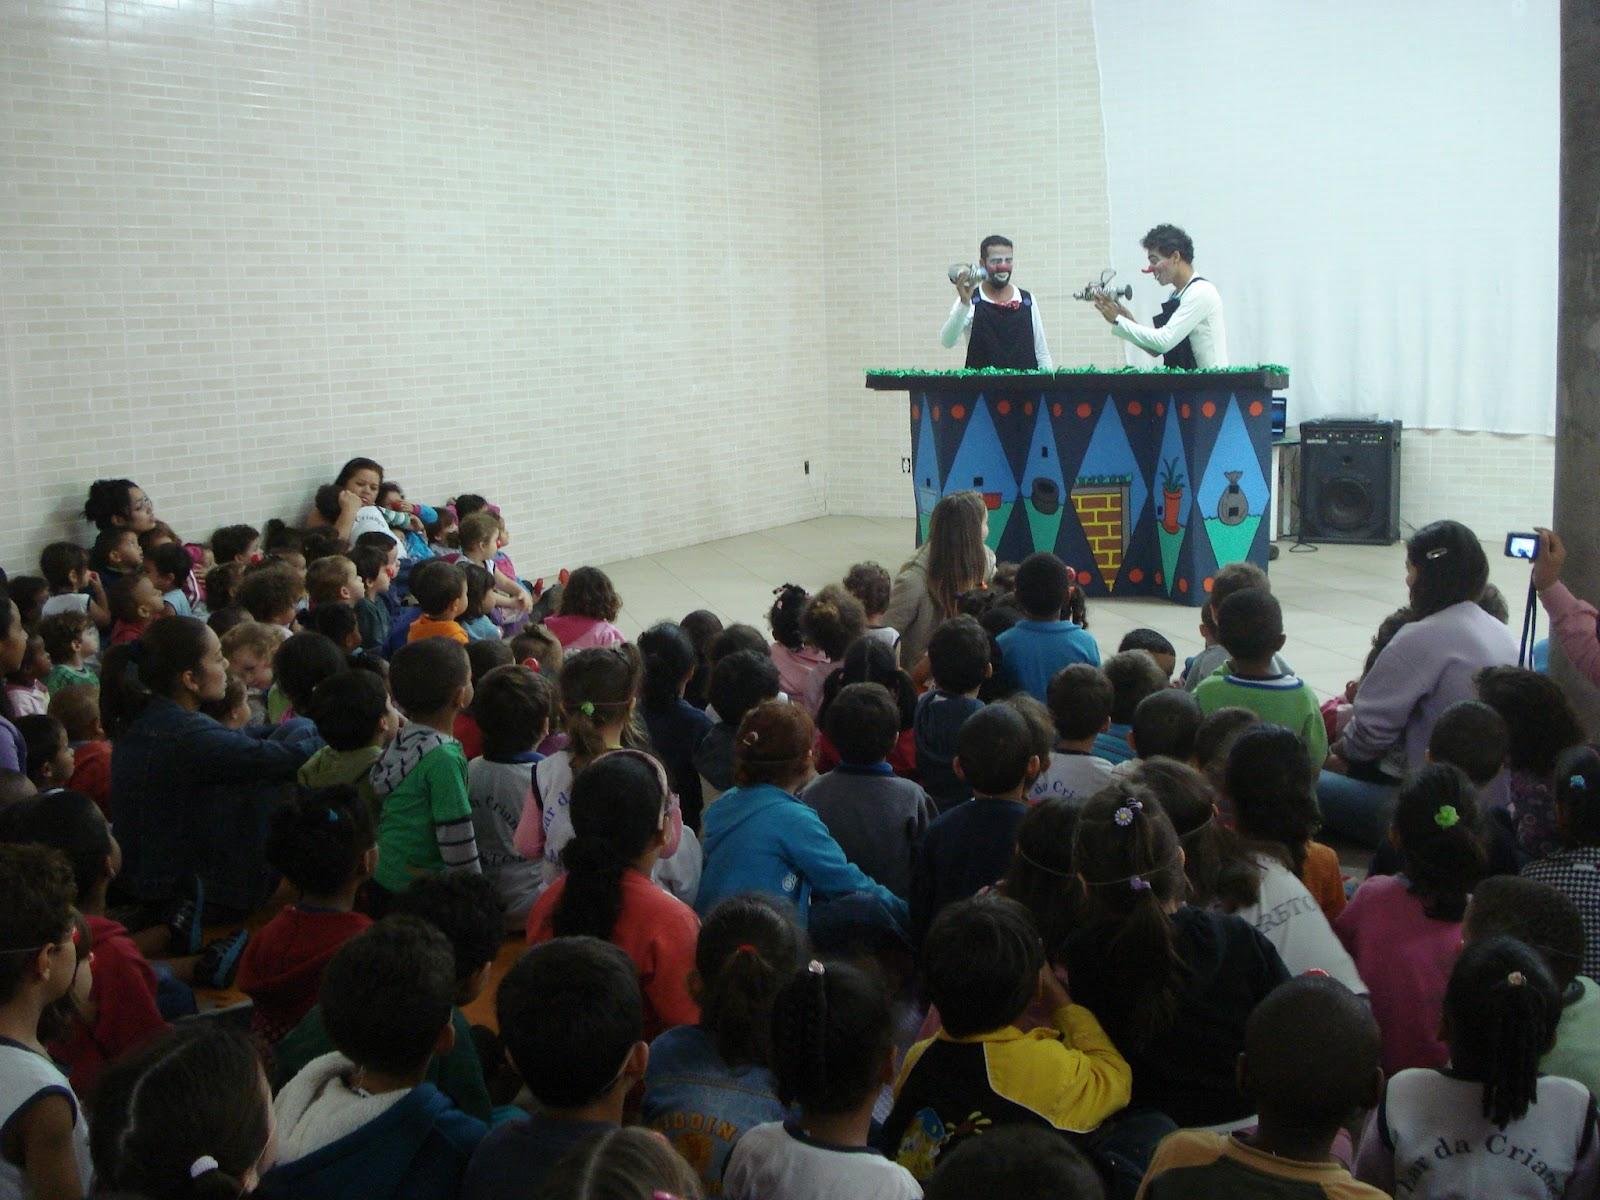 Projeto para obter patrocínio coletivo (crowdfunding) para o espetáculo Ô de casa!, através do www.coletividade.com.vc